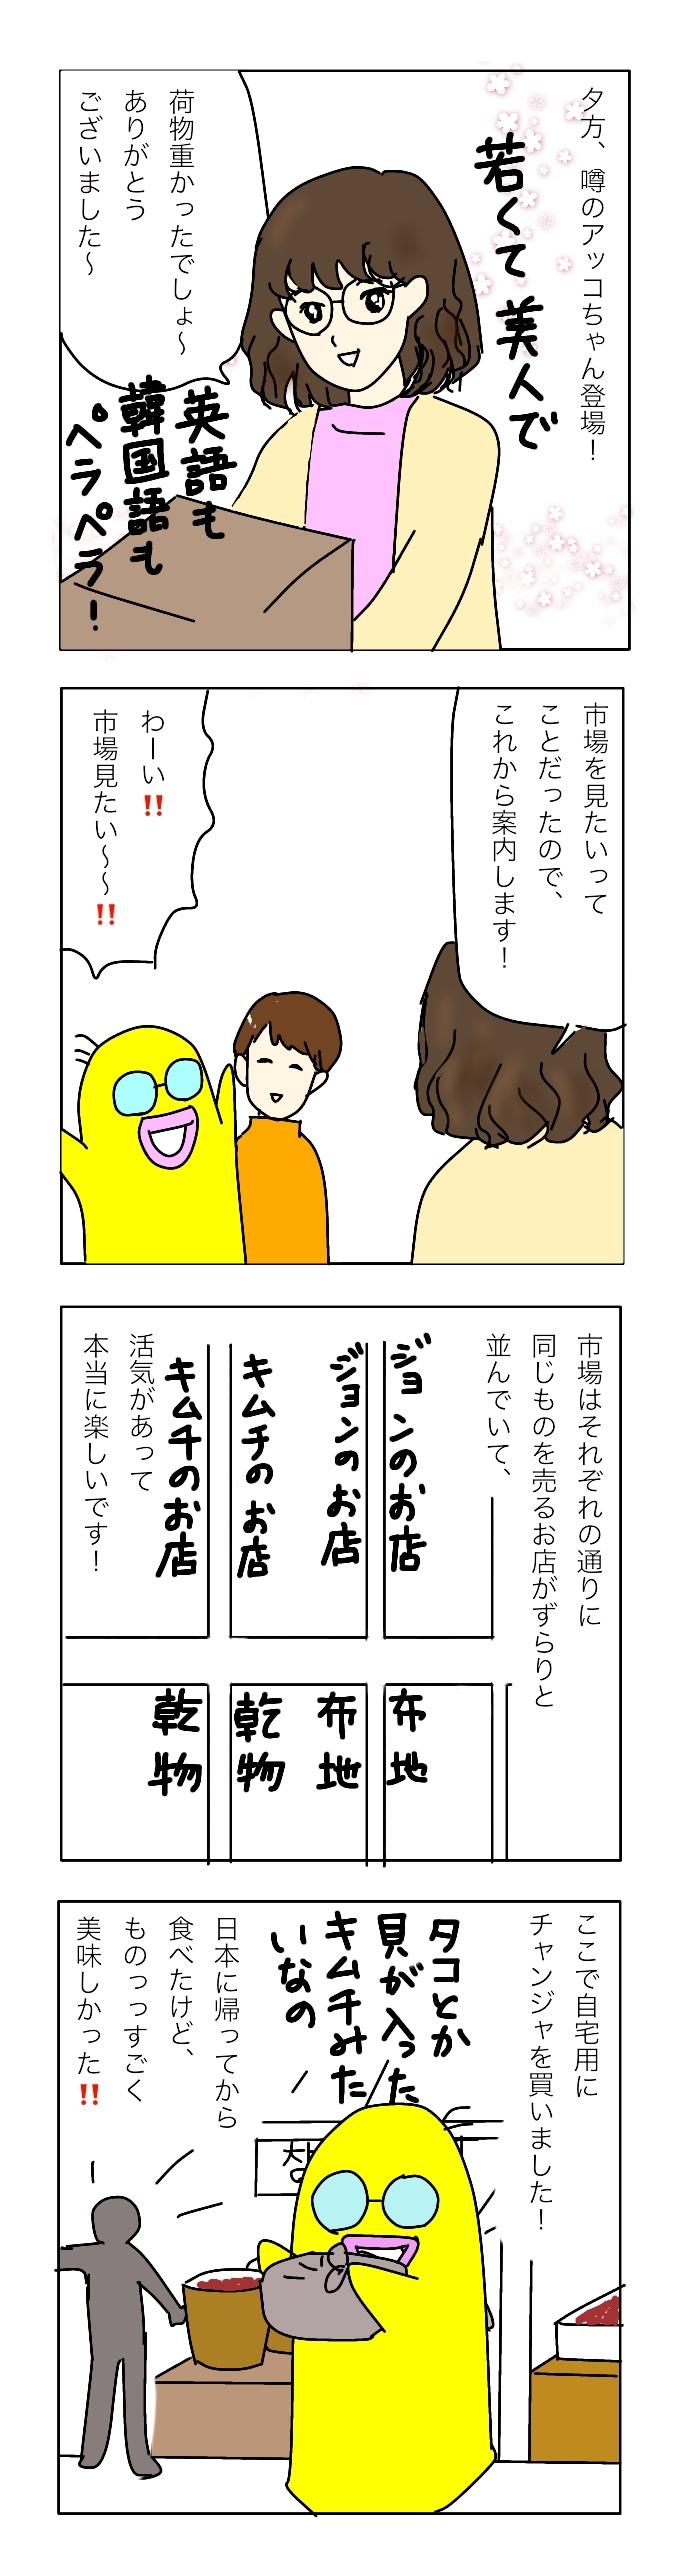 kankoku3 市場